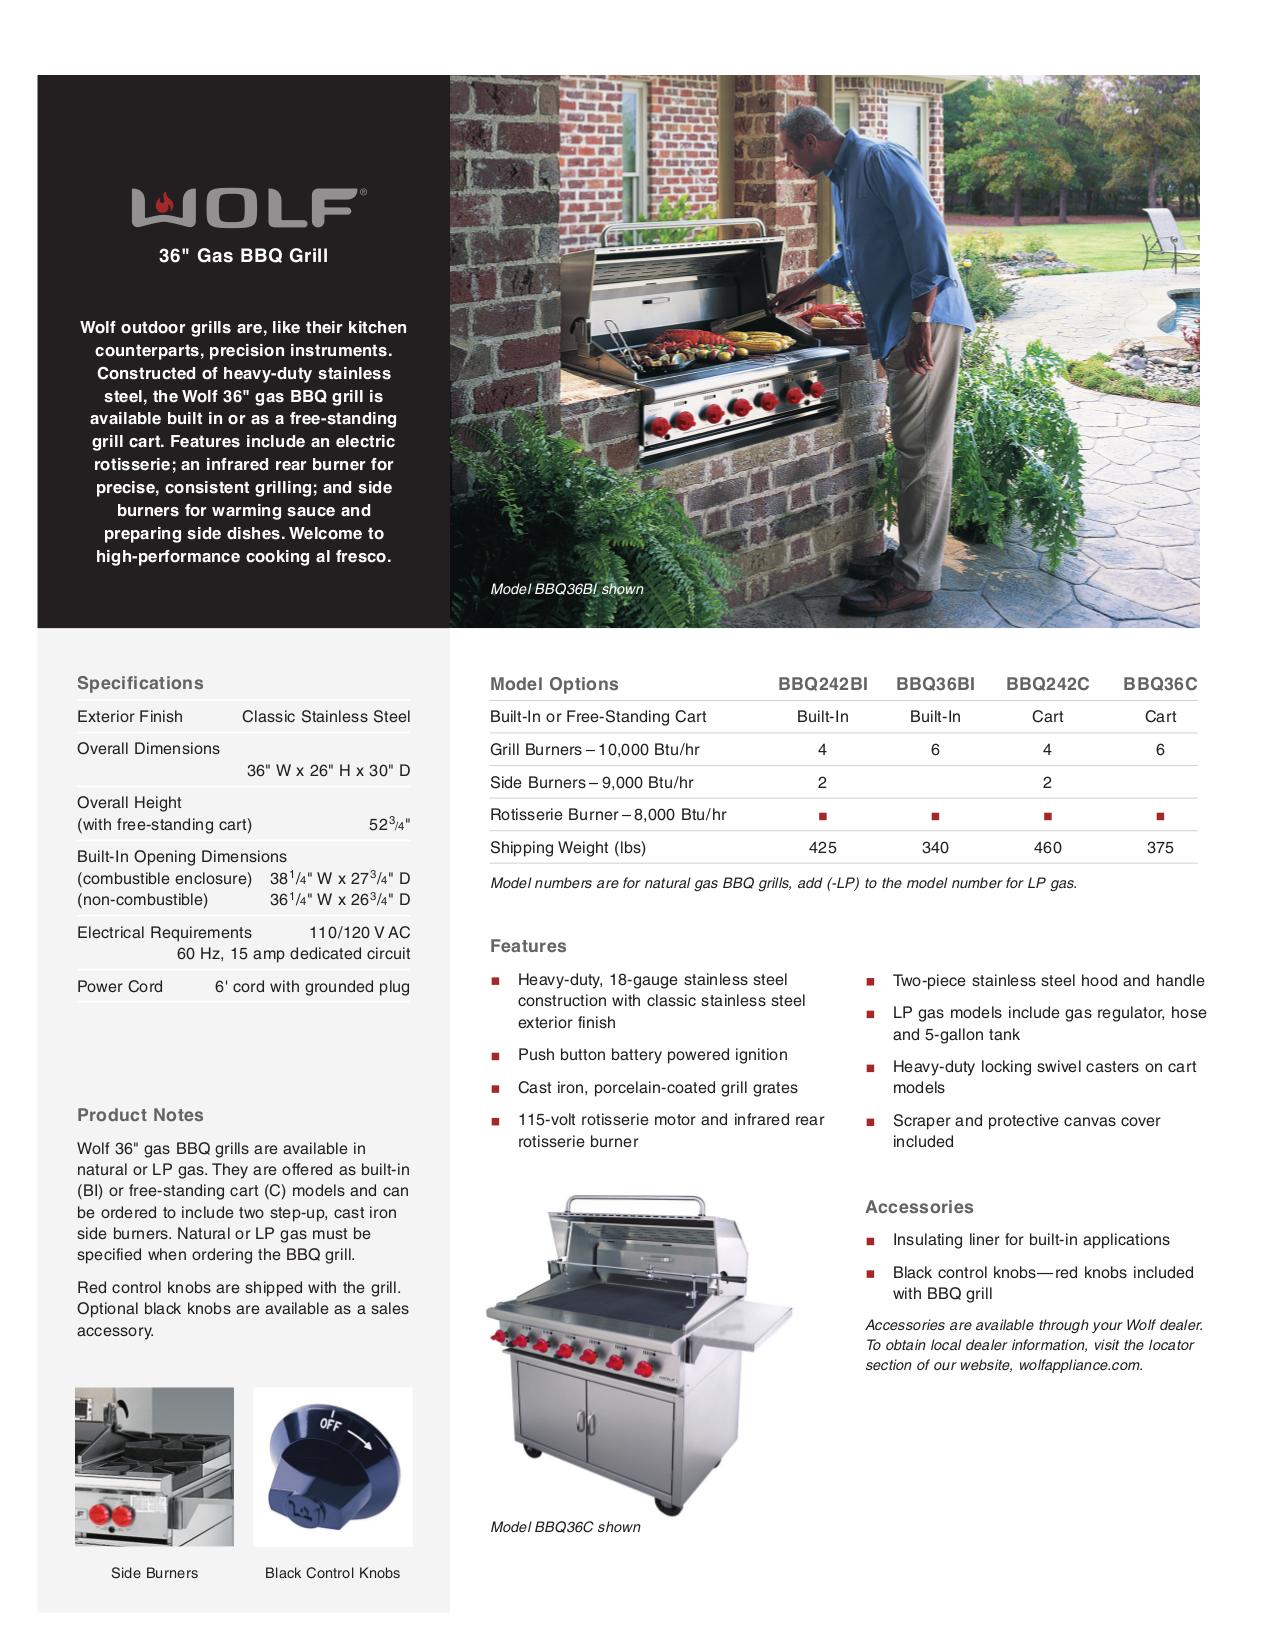 pdf for Wolf Grill BBQ36BI manual